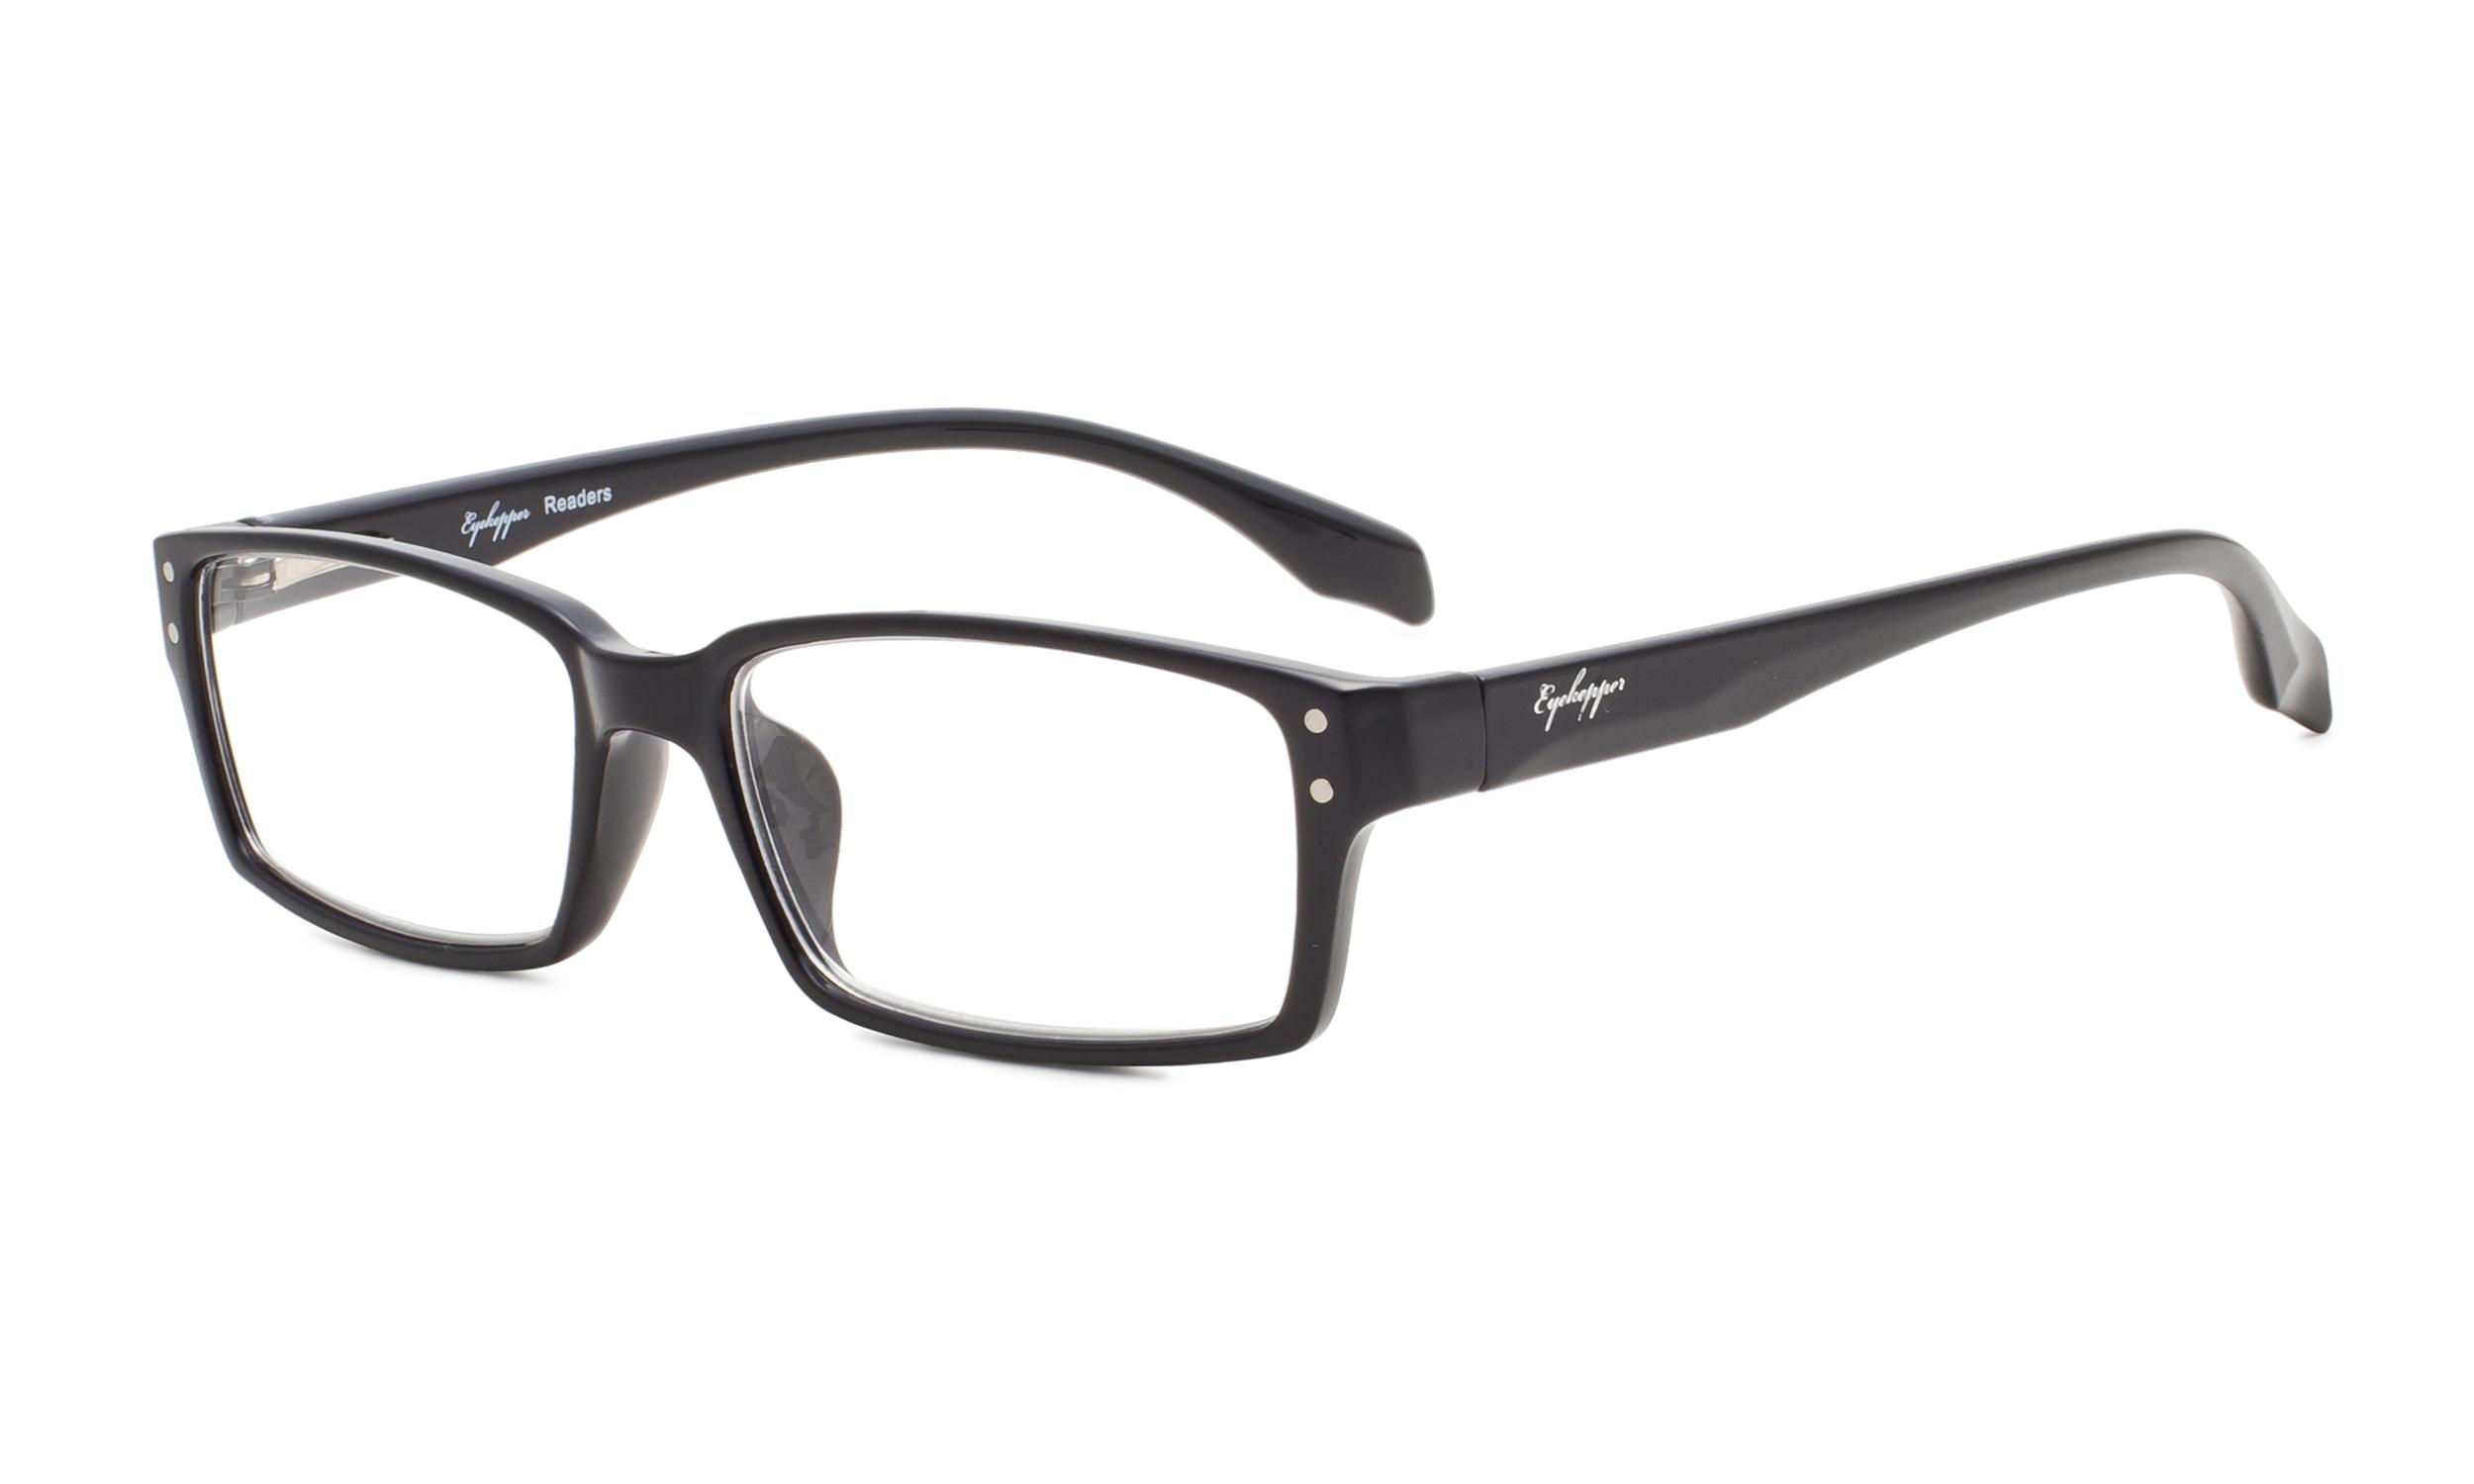 6c470877368e Eyekepper Reading Glasses Classic rectangle Full Frame with Spring-Hinges  Classic Readers Women Men Black R096